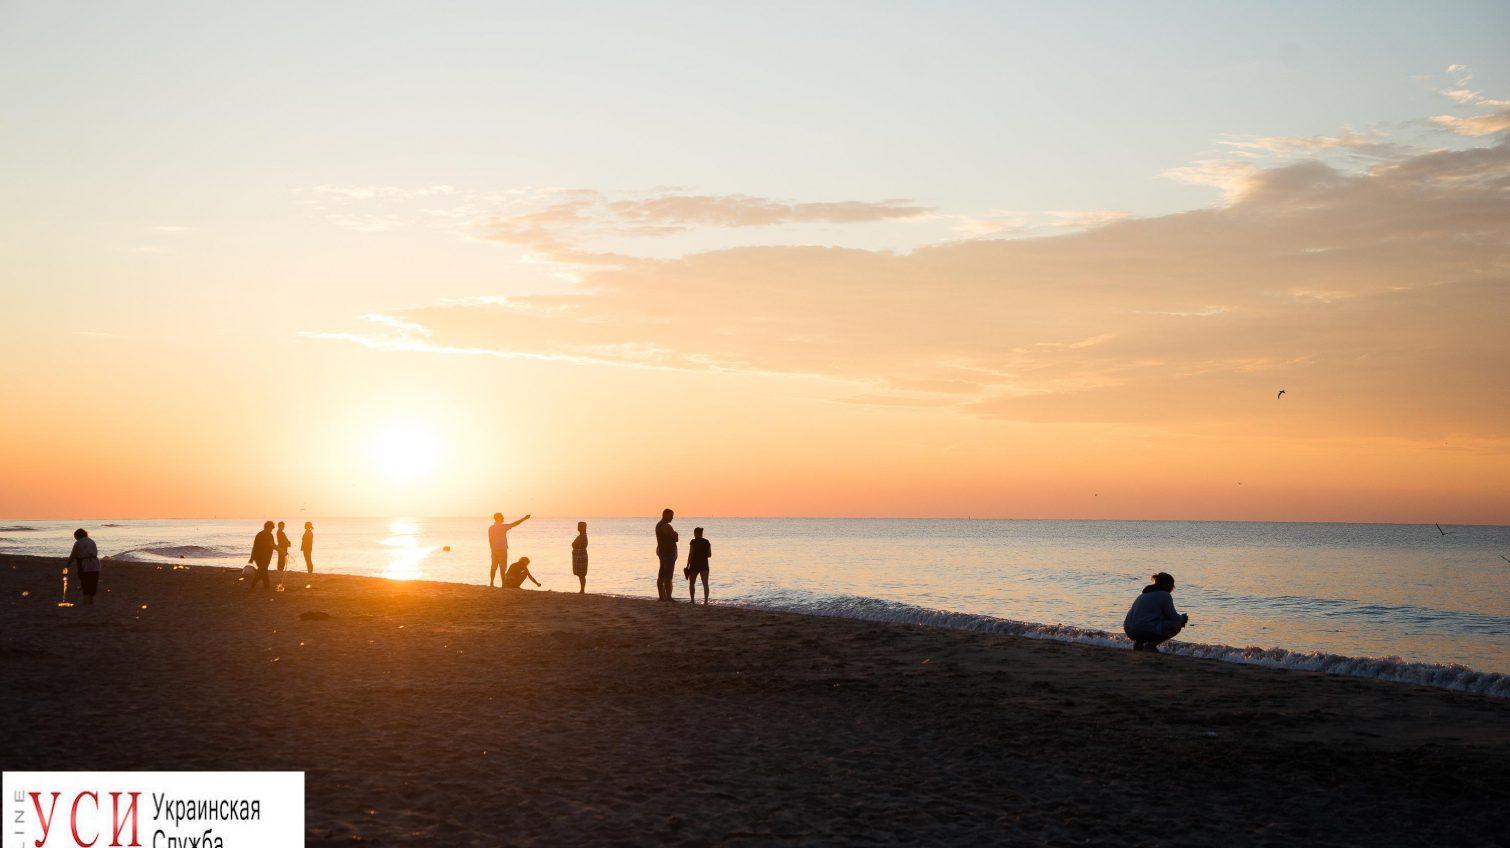 Атмосфера Затоки: кукуруза, великолепные закаты и «волчицы»  (фоторепортаж) «фото»